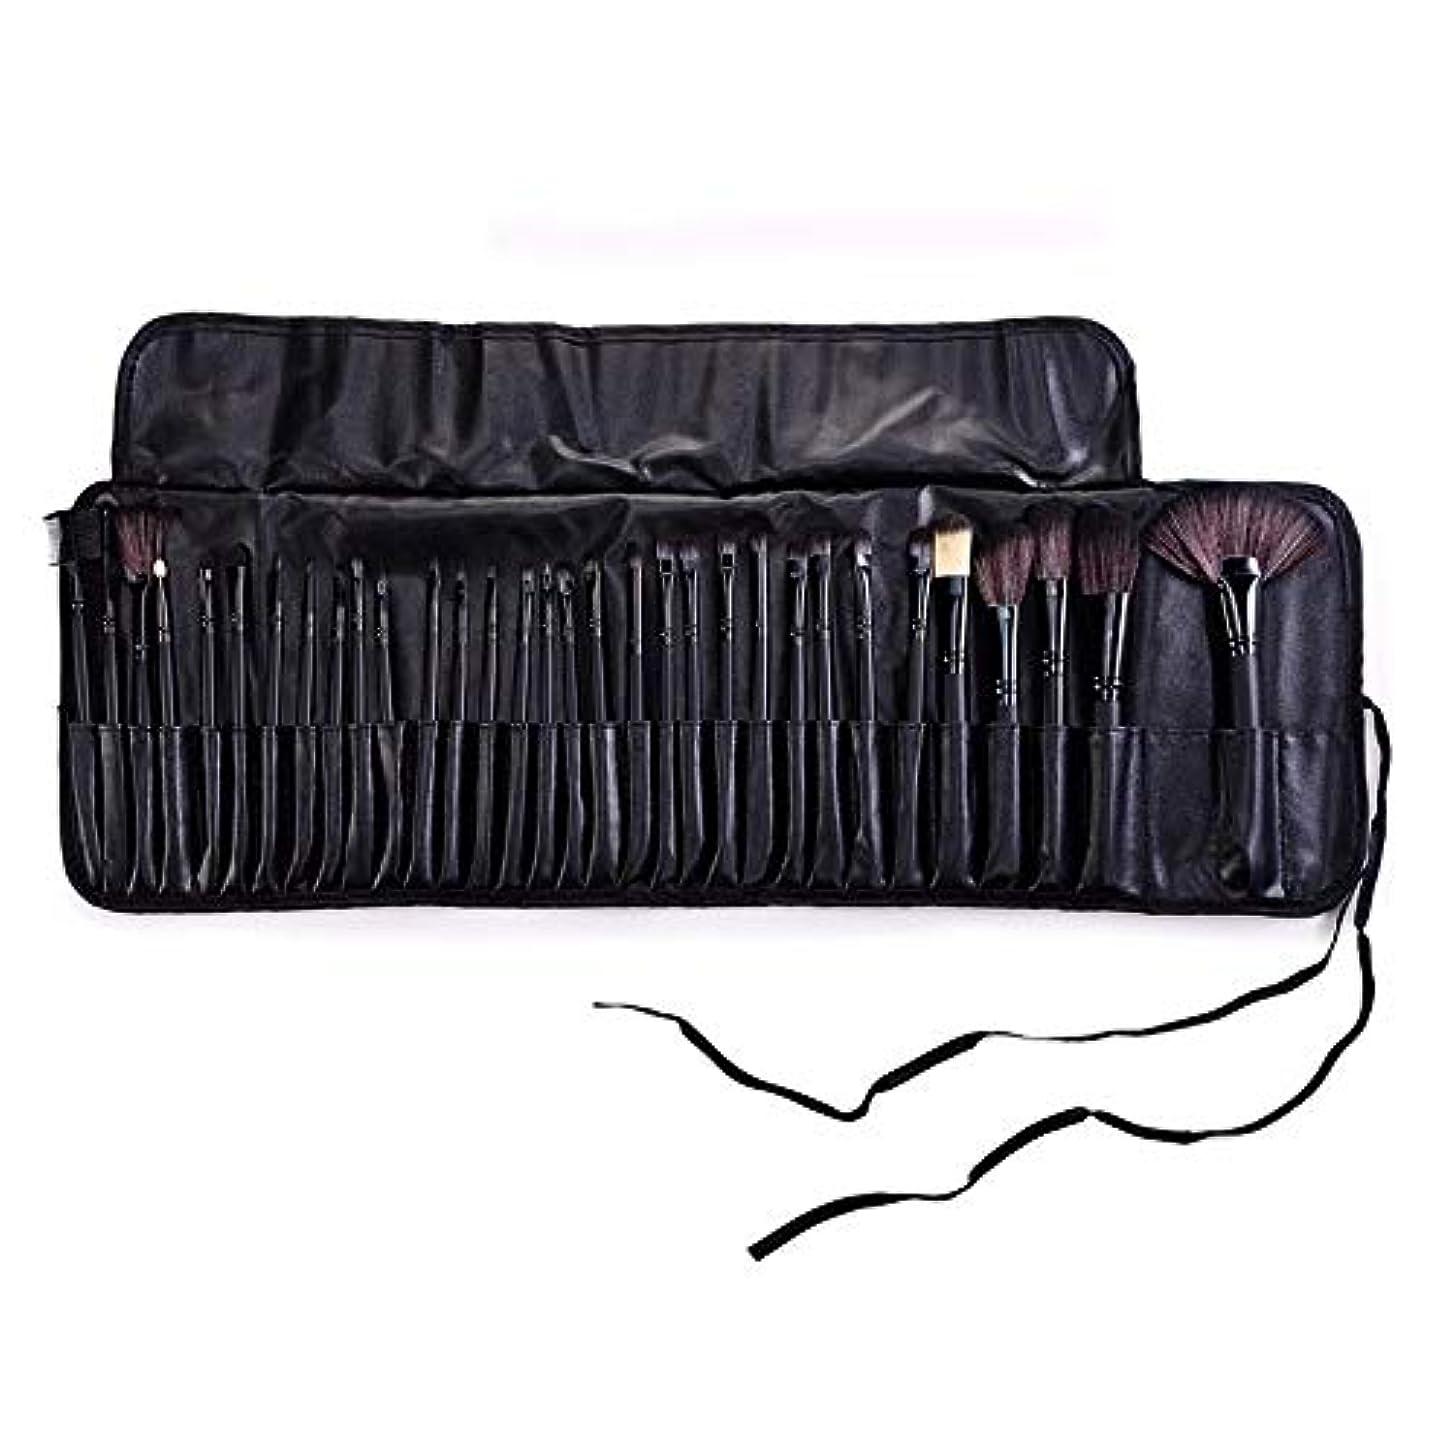 試用吸うテロリストMakeup brushes ブラックバッグ32メイクブラシセットモダンな合成アイシャドウアイライナー液化ファンデーションコンシーラーミキシングブラシセット suits (Color : Black)